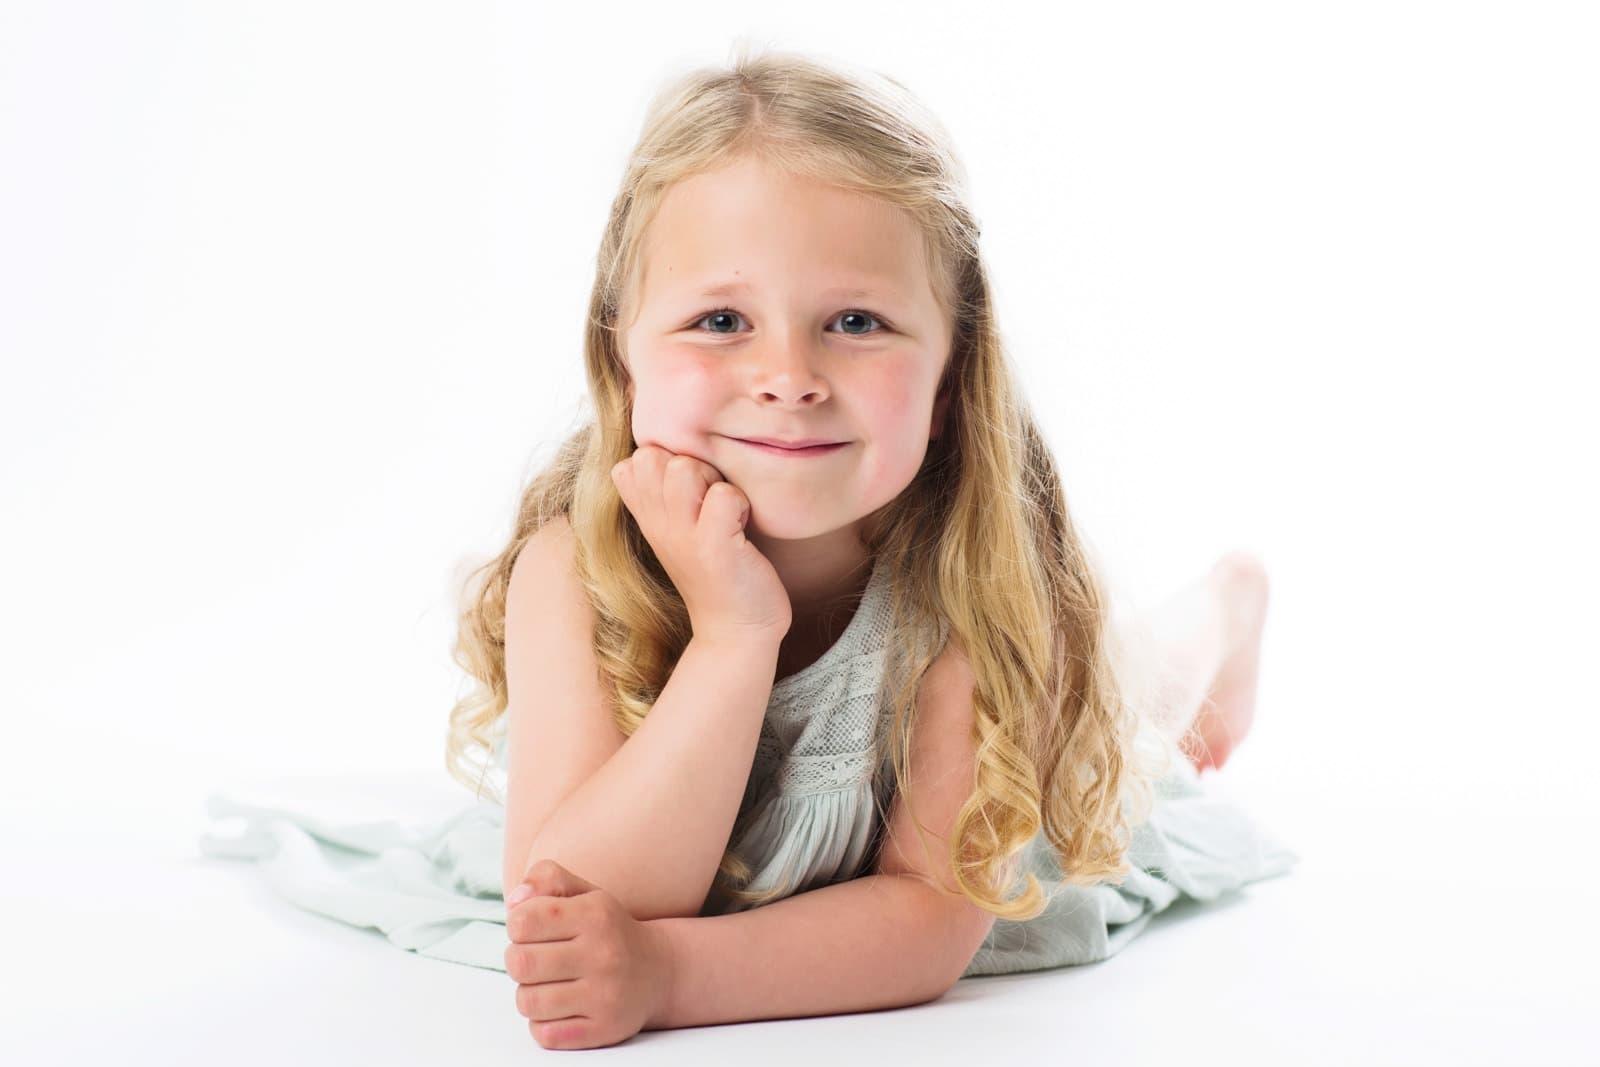 Børnefotograf - del 1